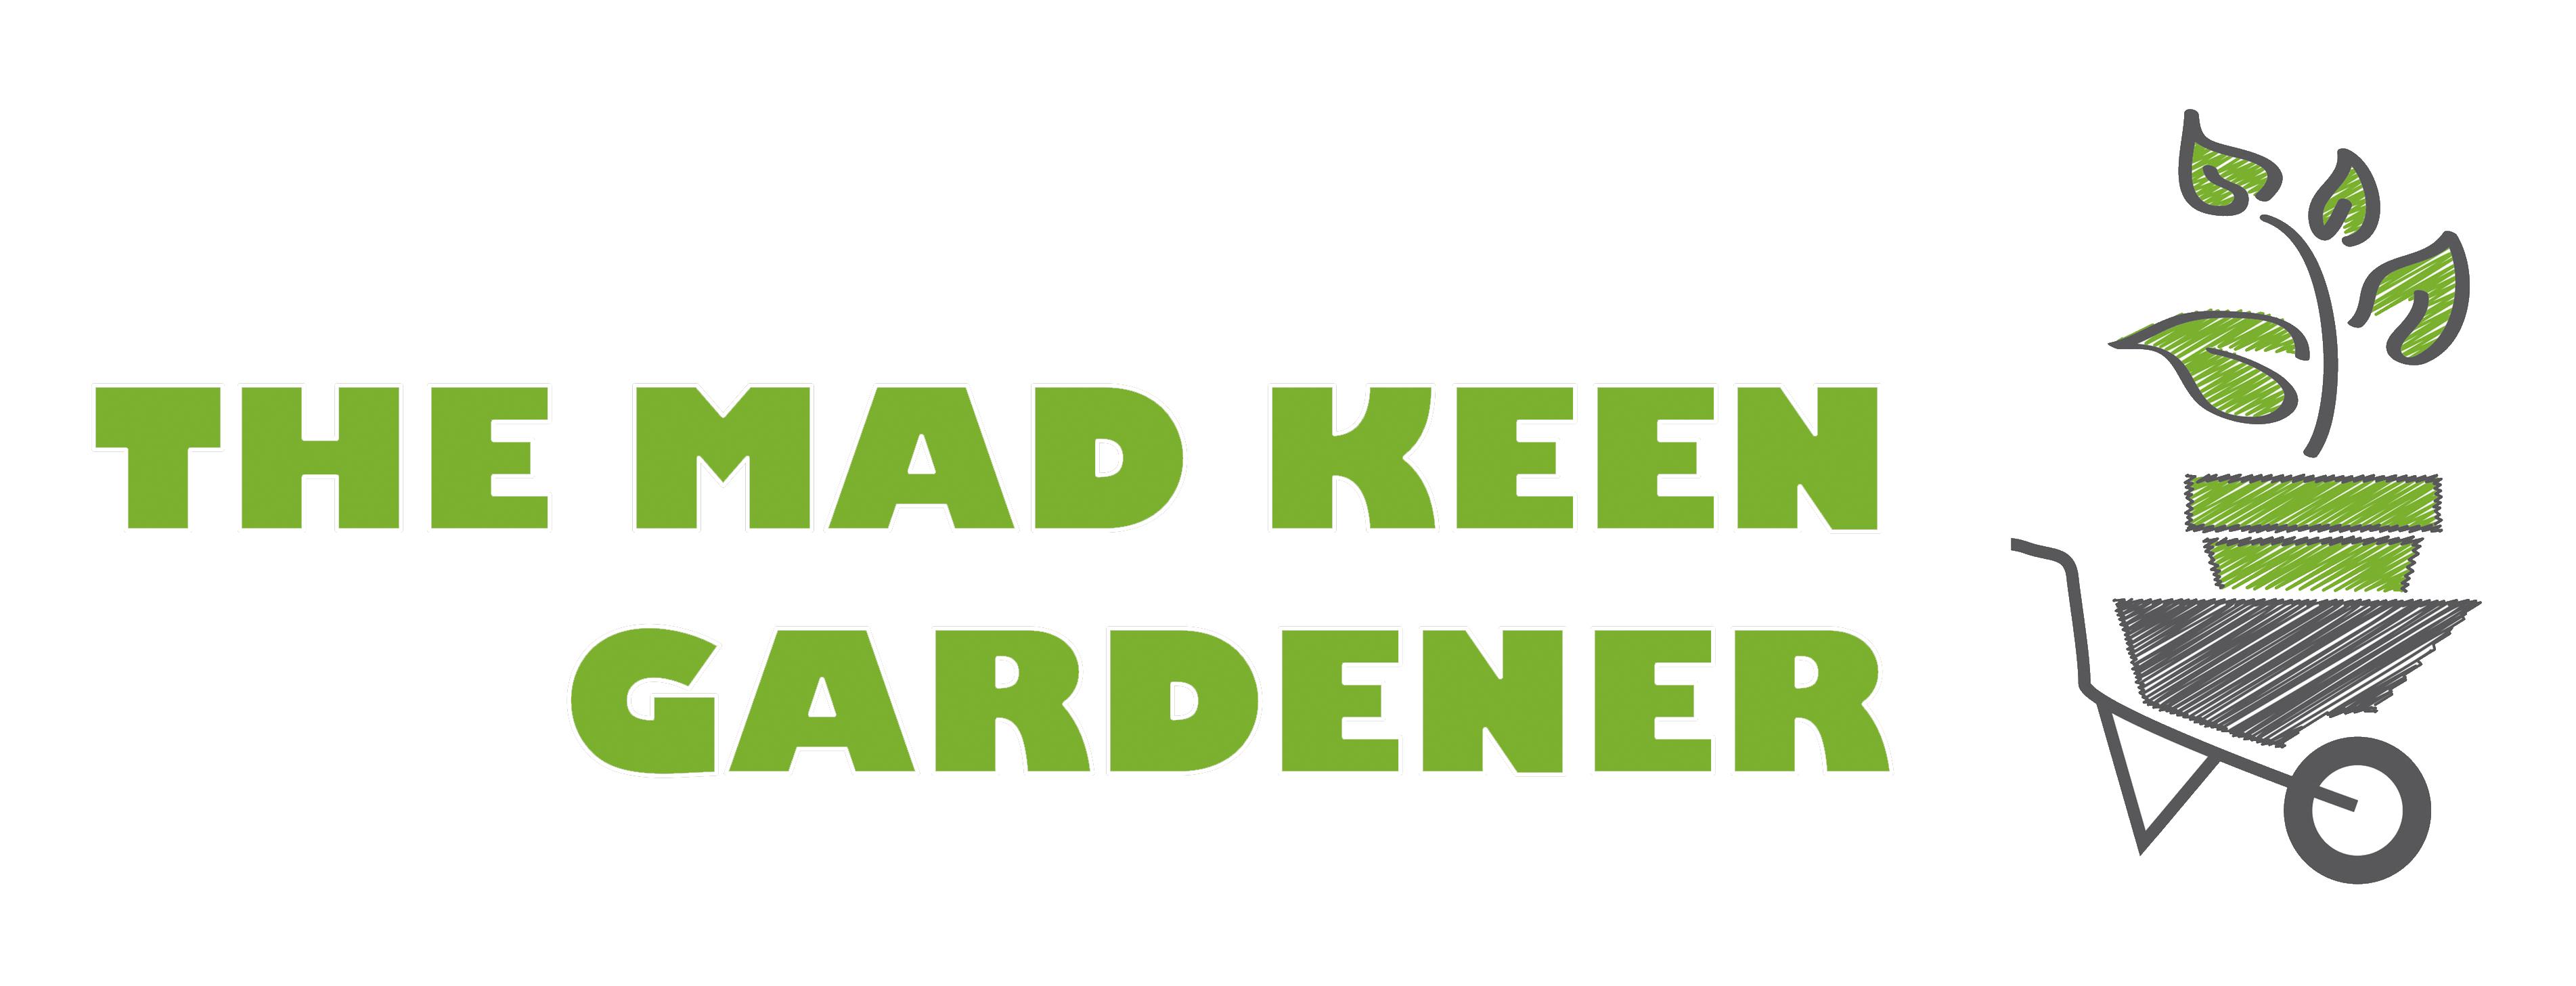 The Mad Keen Gardener